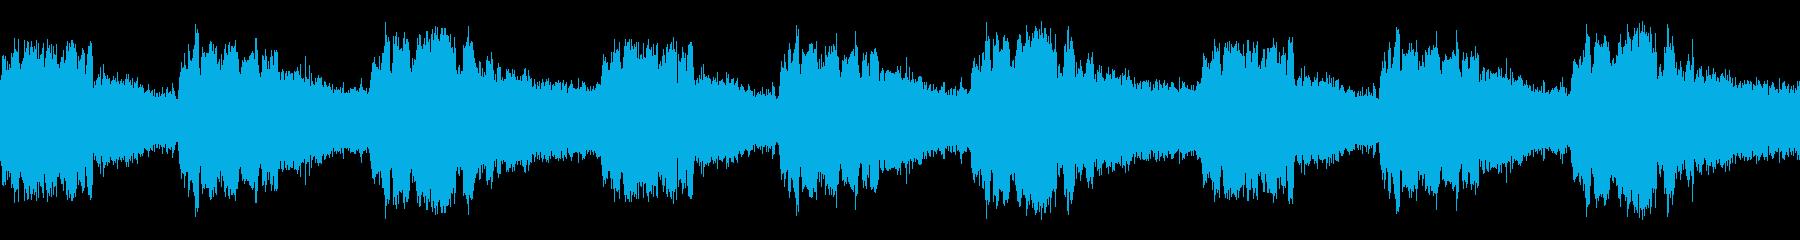 【録音】ミンミンゼミの鳴き声(ループ)の再生済みの波形